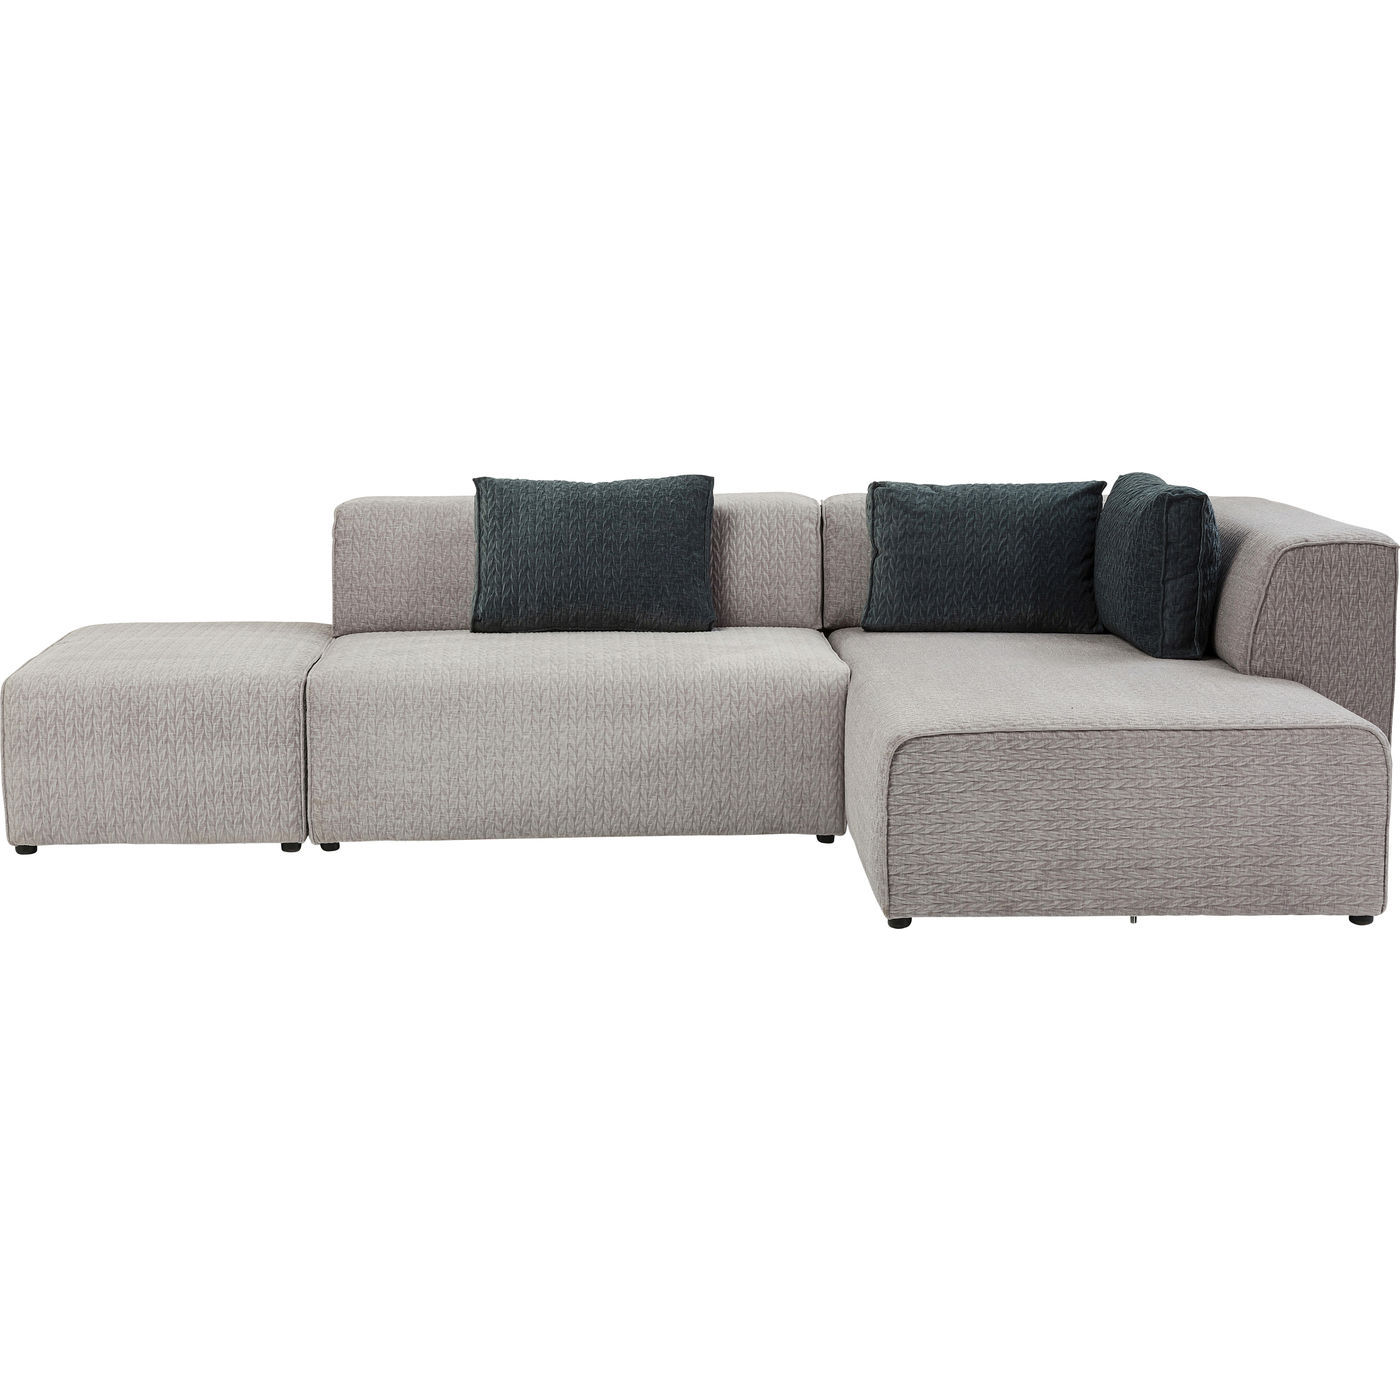 Billede af Kare Design Infinity Soft Sofa